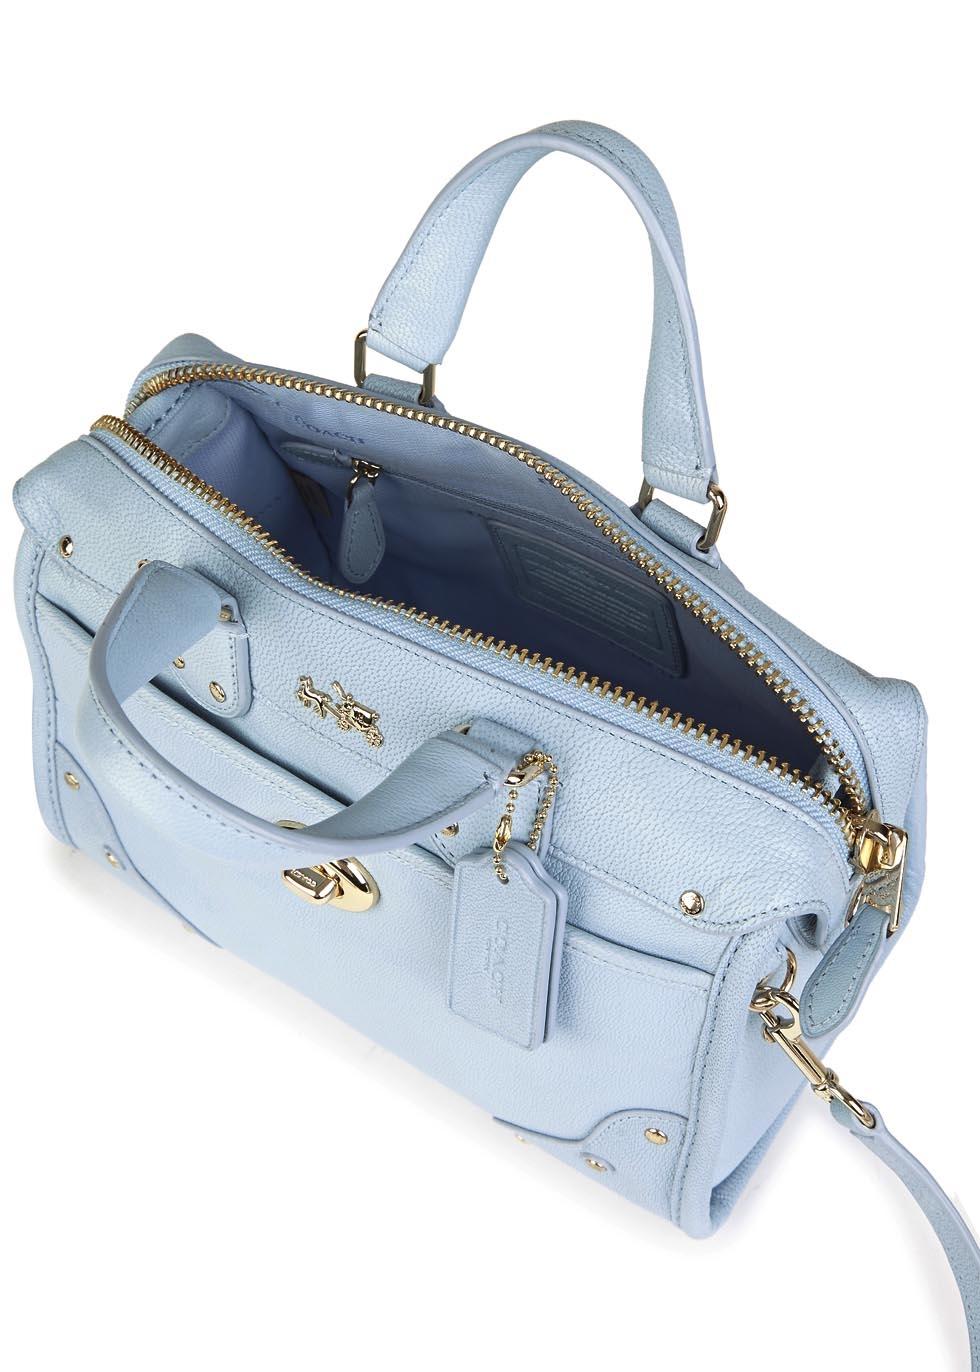 15932eed2cf0 ... ebay coach rhyder 24 mini powder blue leather satchel in blue lyst  b6f54 e0ece